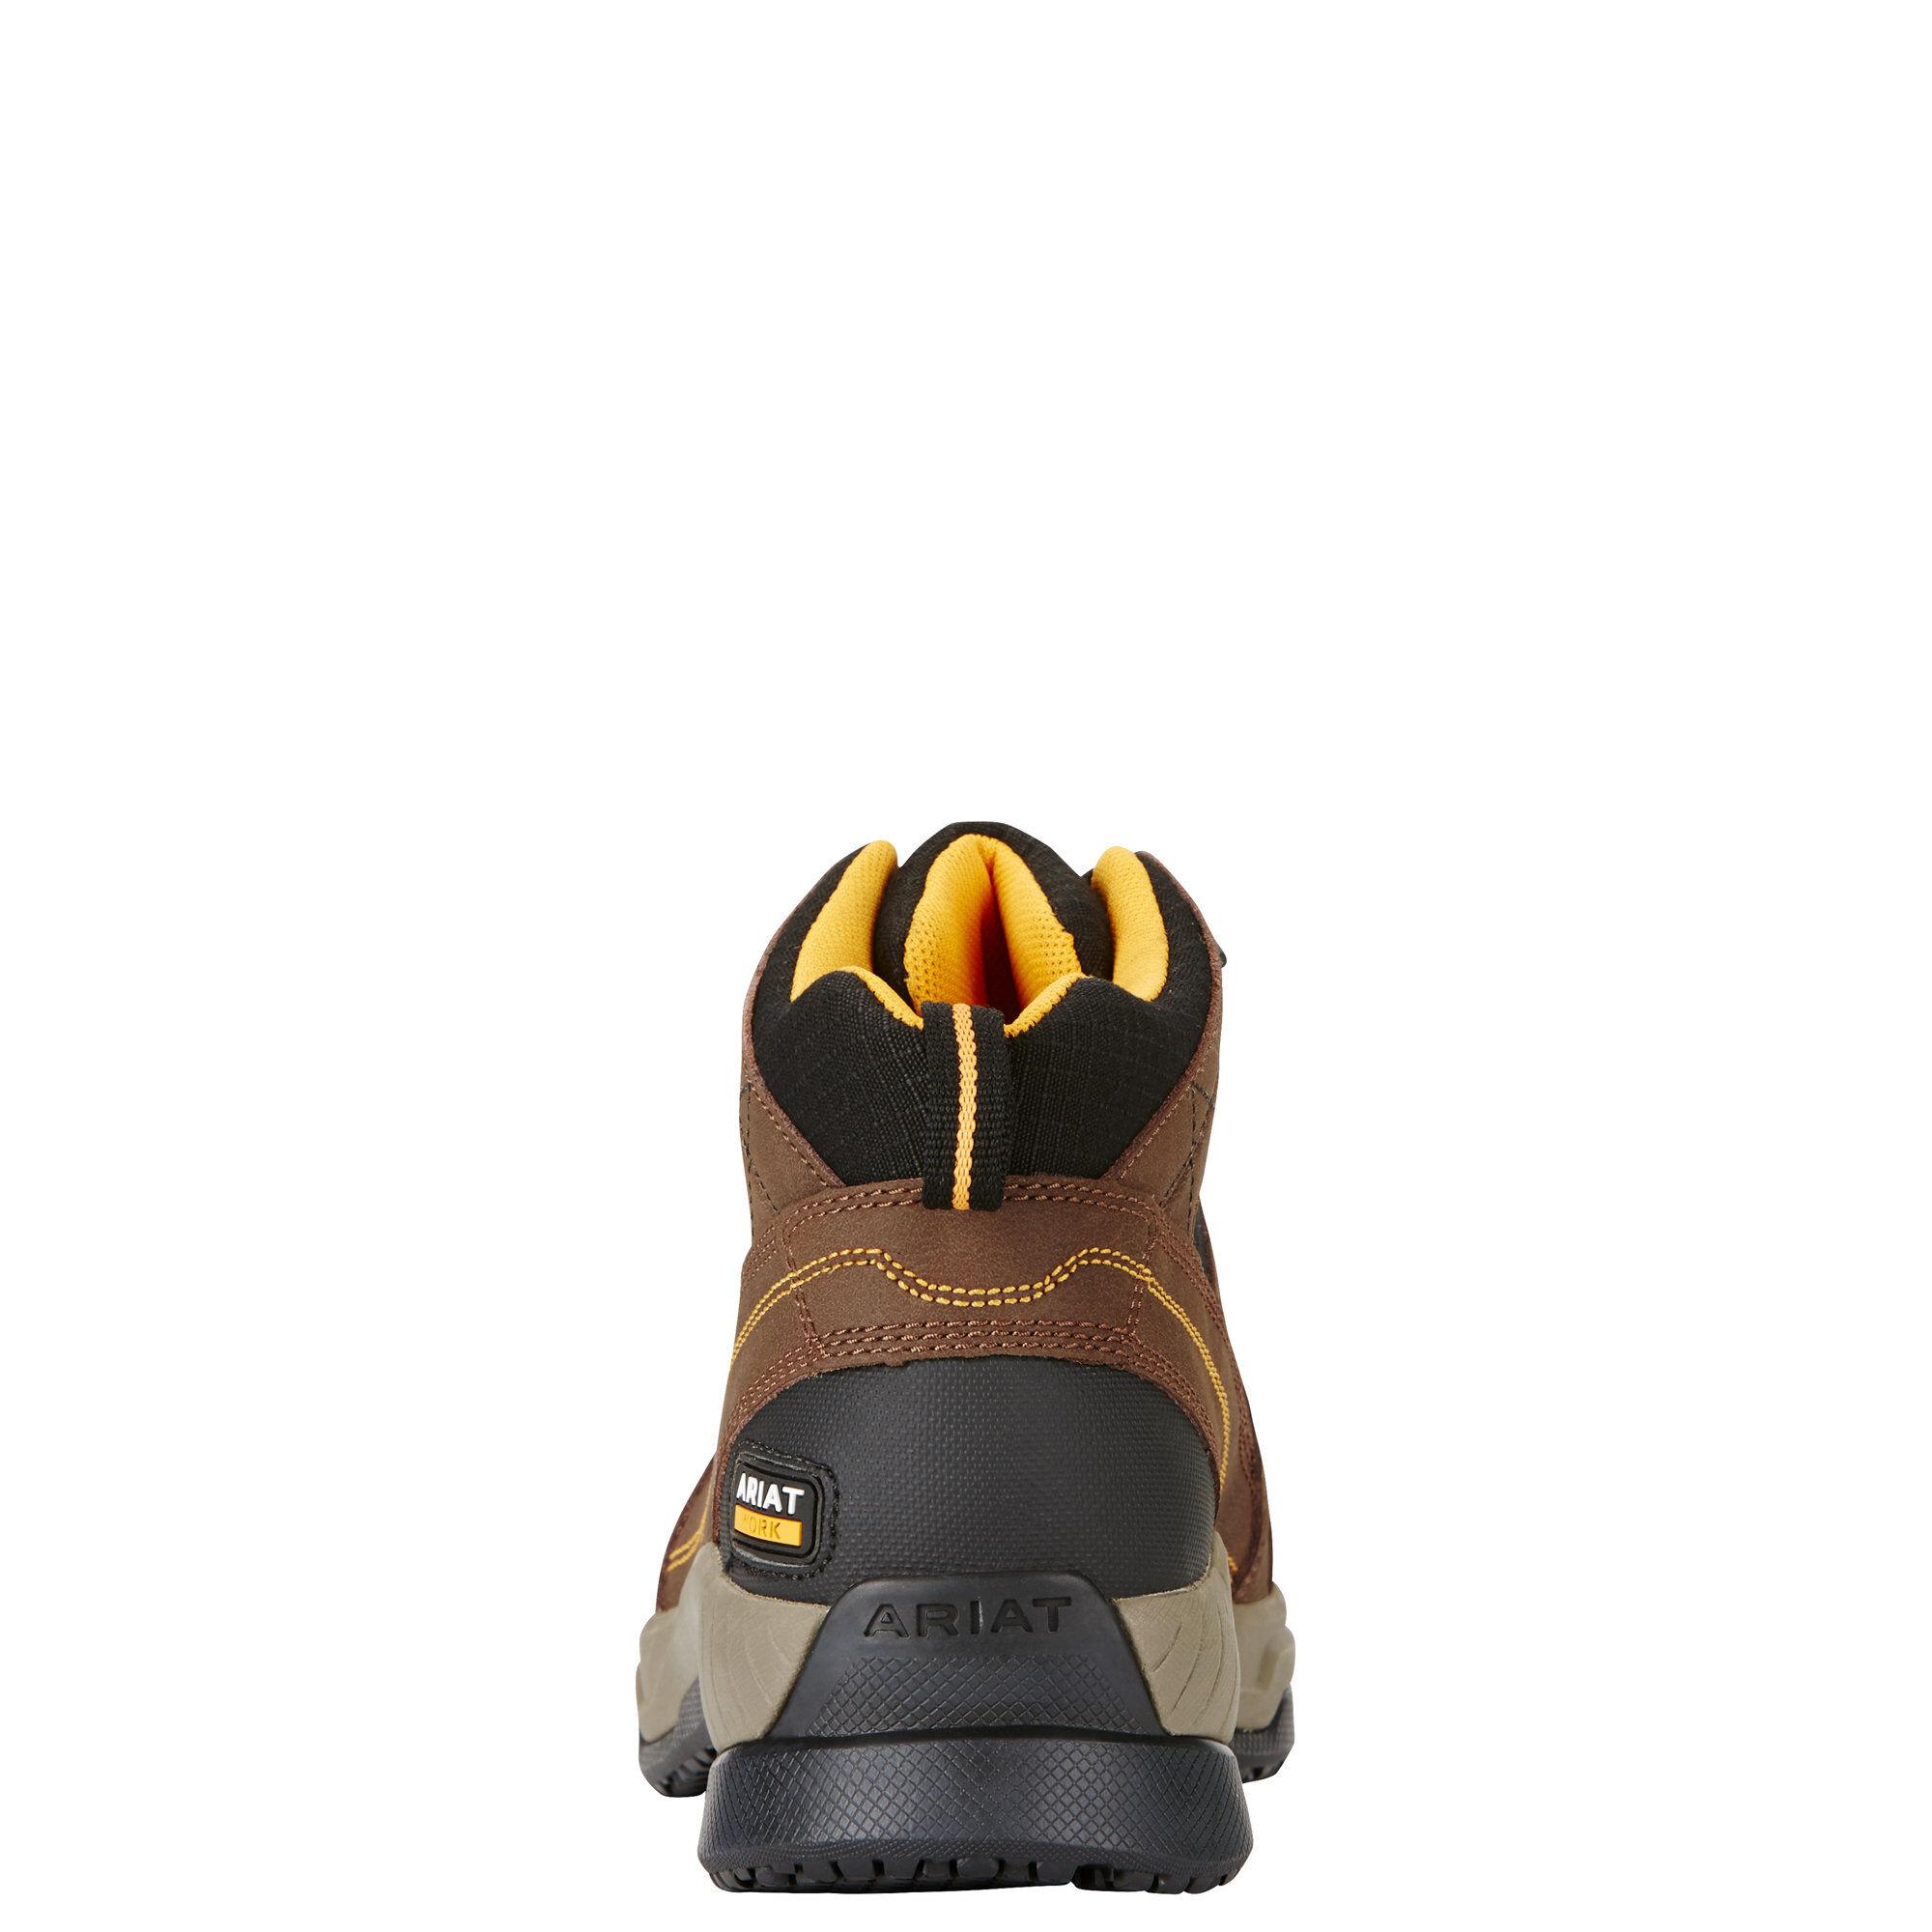 Contender Steel Toe Work Boot   Ariat